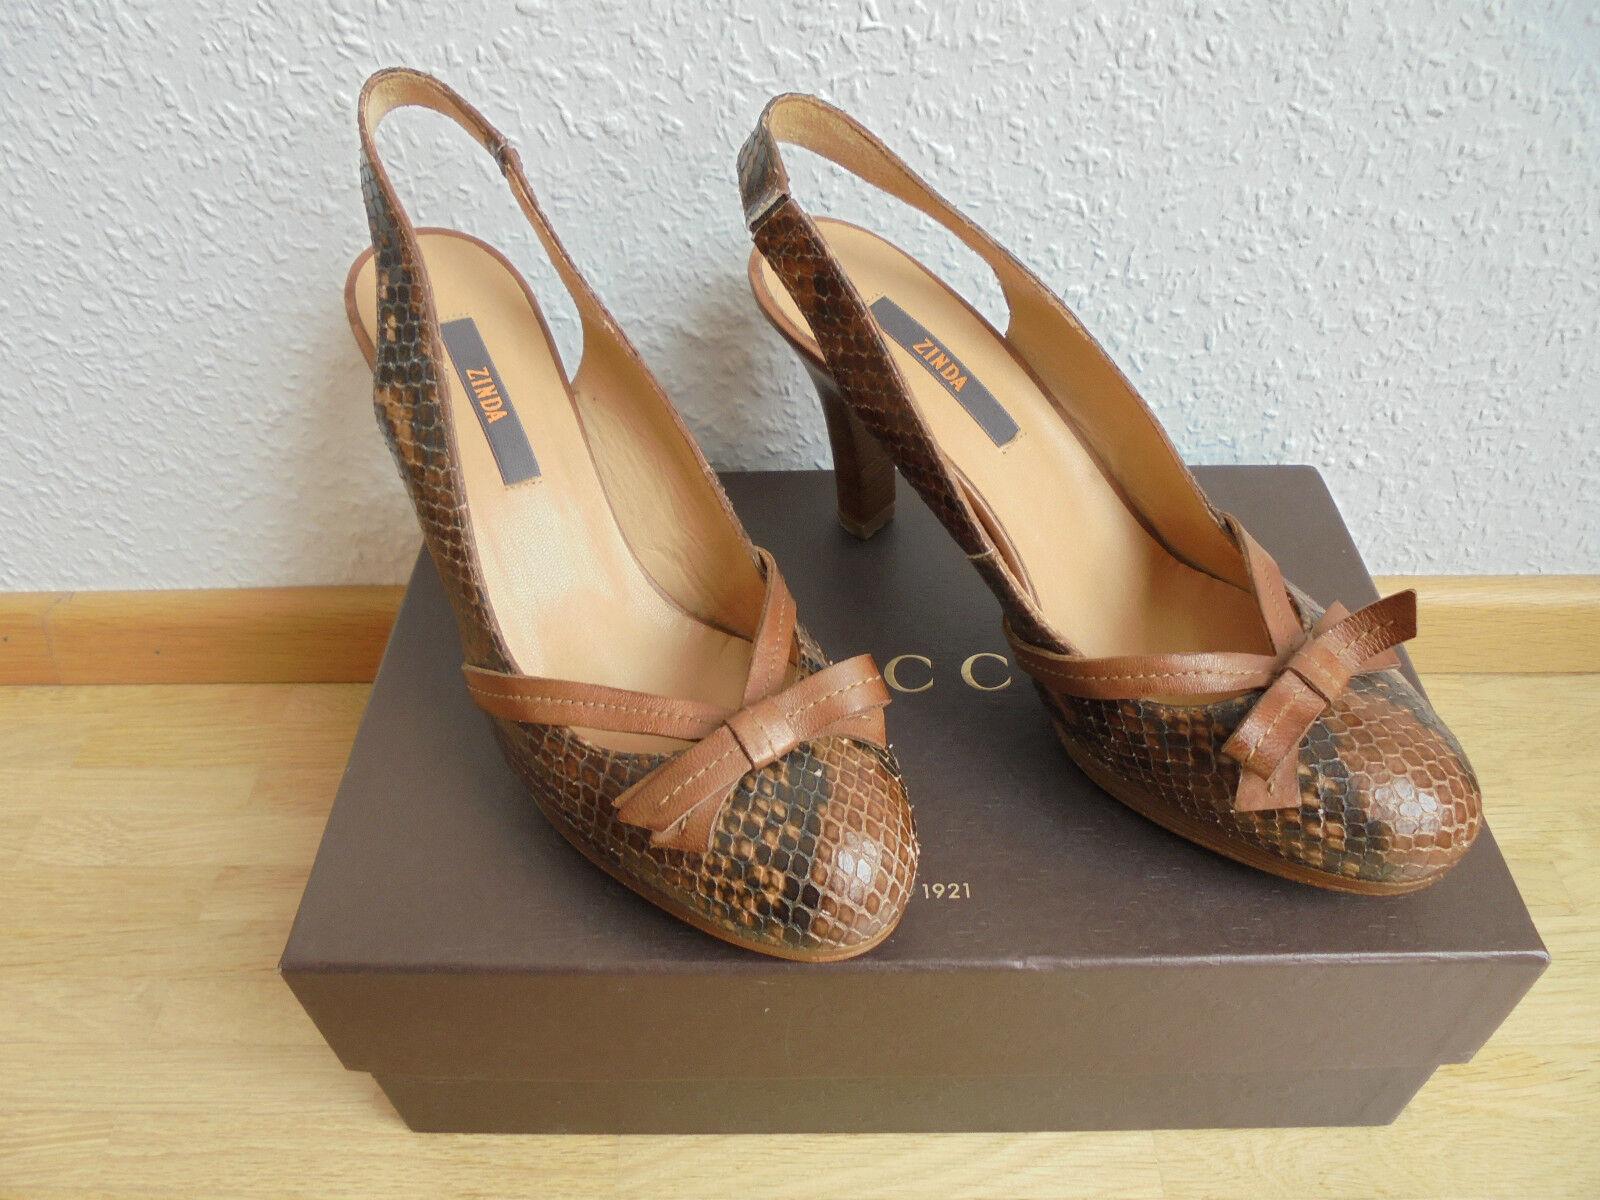 Zinda Designer Leder Pumps NP:  High Heels Schuhe Gr. 38